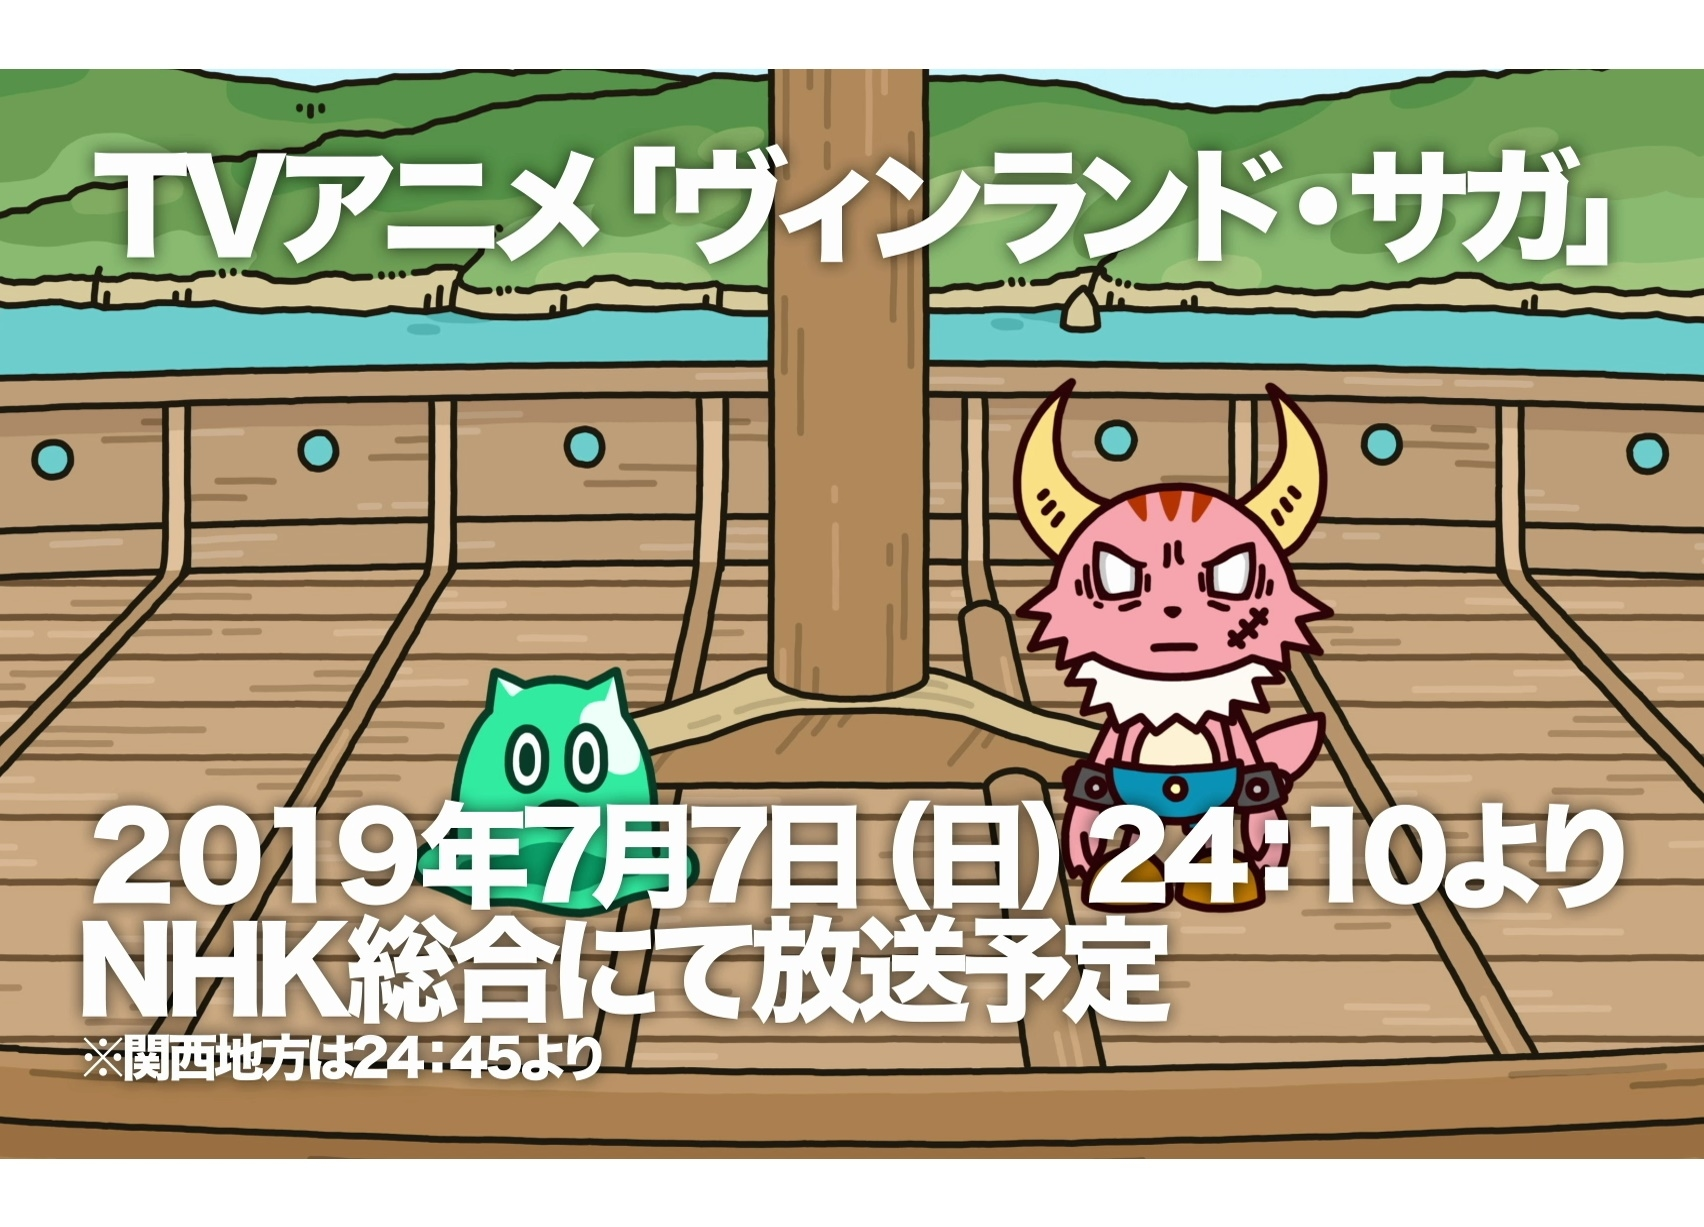 夏アニメ『ヴィンランド・サガ』×『ポンコツクエスト』特別コラボアニメ公開